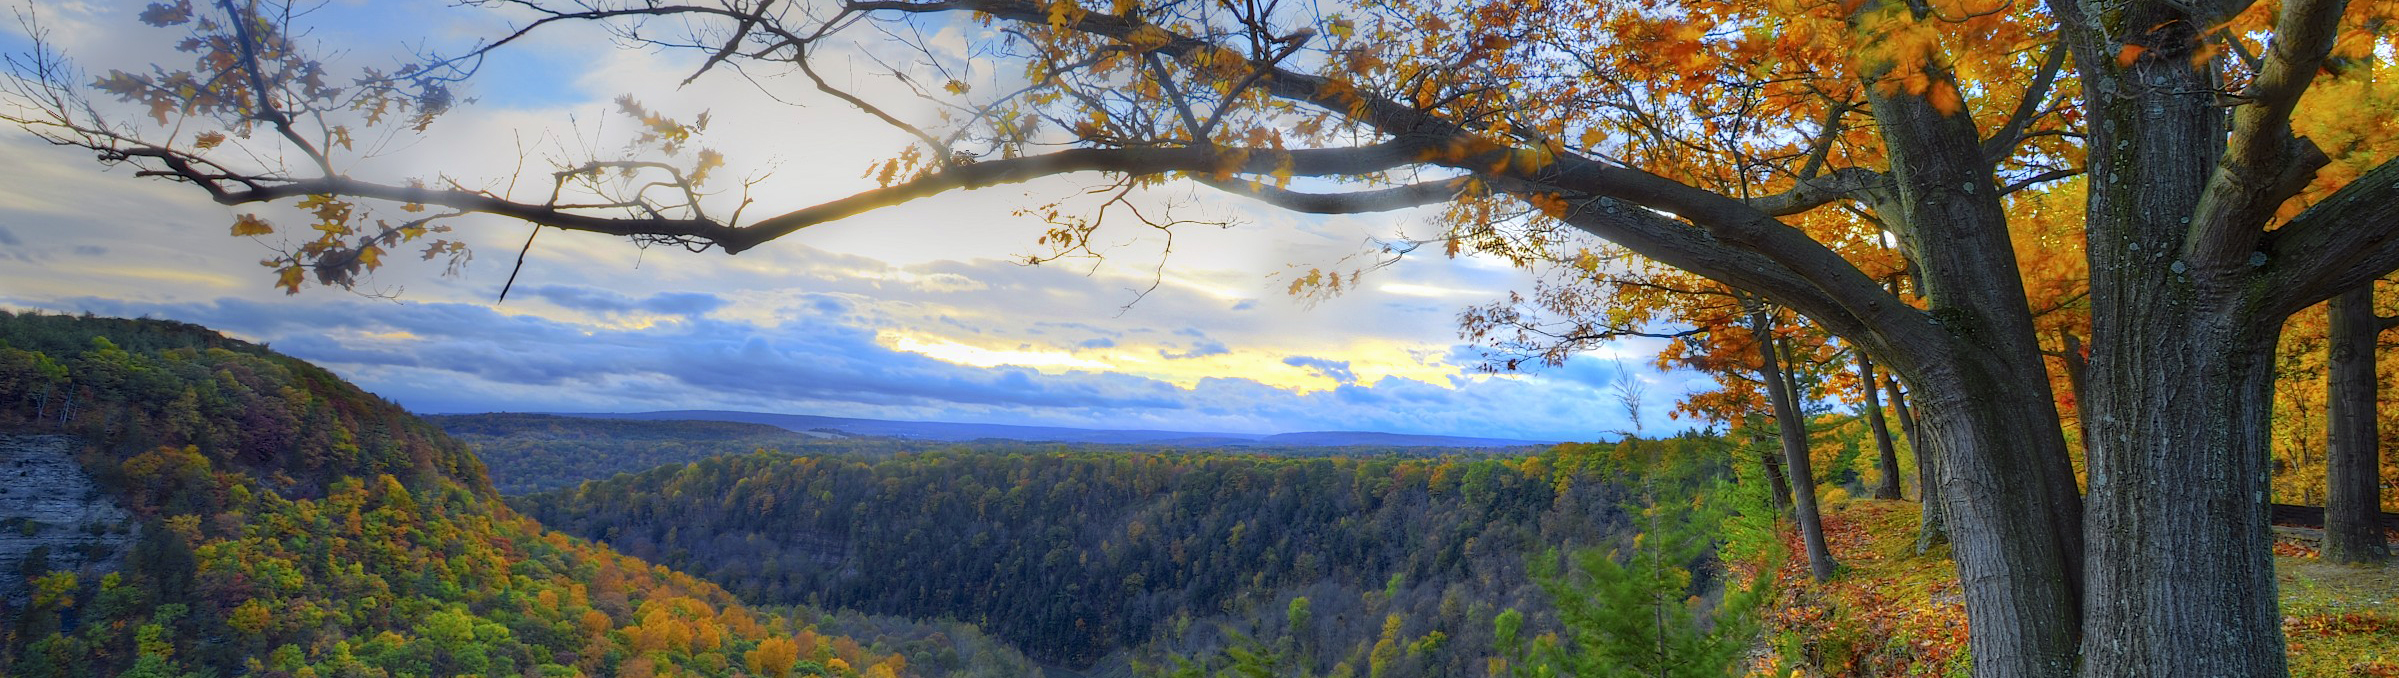 letchworth_fall_2012_36111